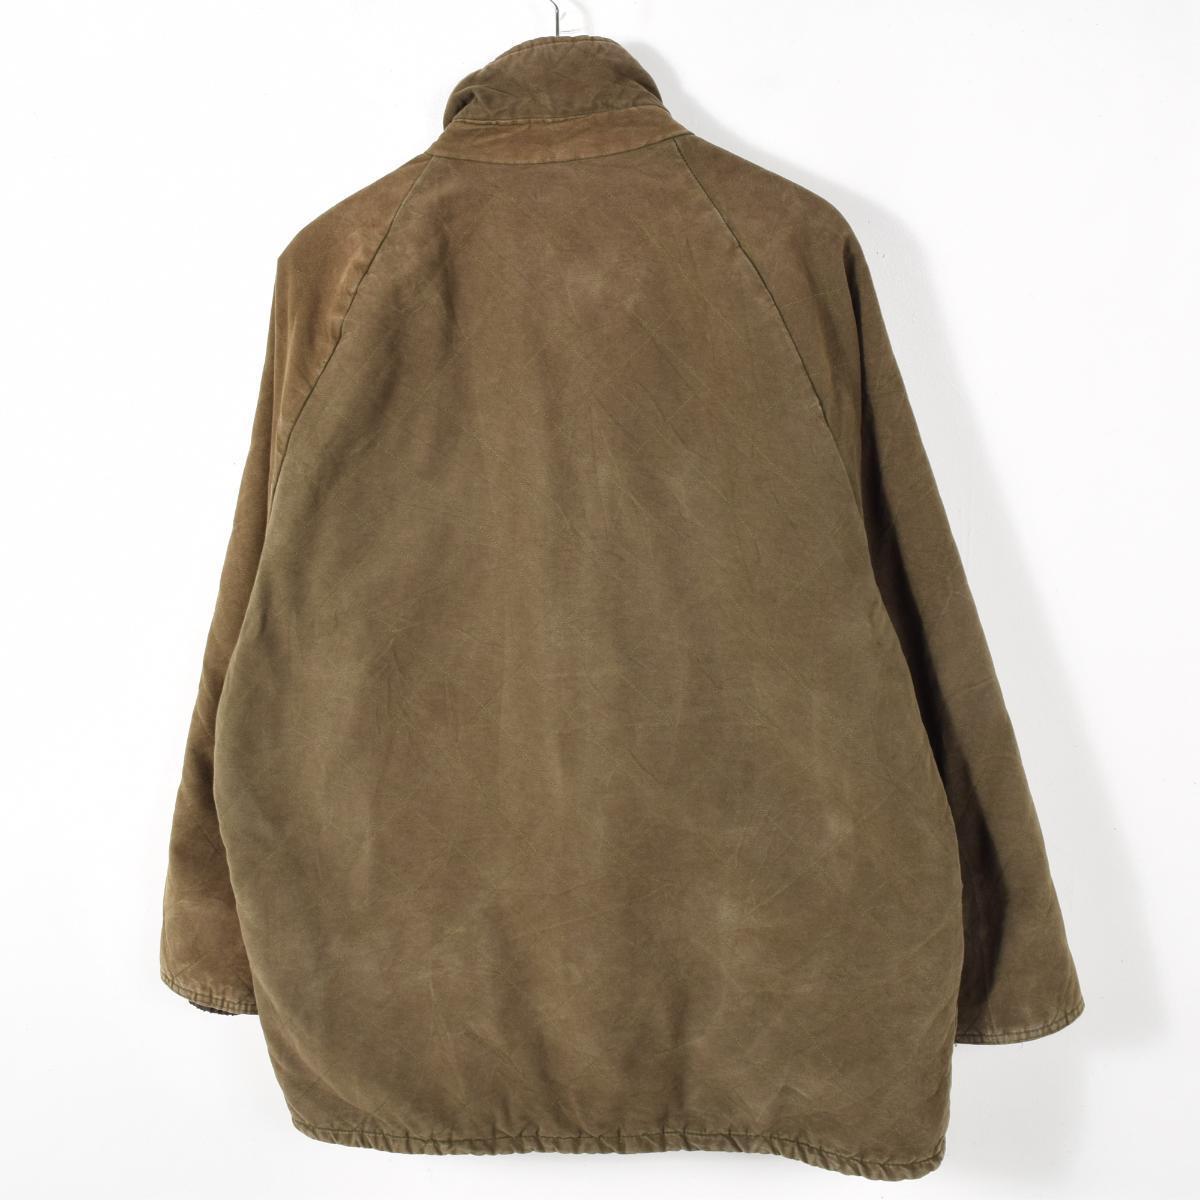 含babua ENDURANCE WATERPROOF QUILT JACKET英国制造中的棉的商城皮肤绗缝茄克人XL Barbour/wez2794